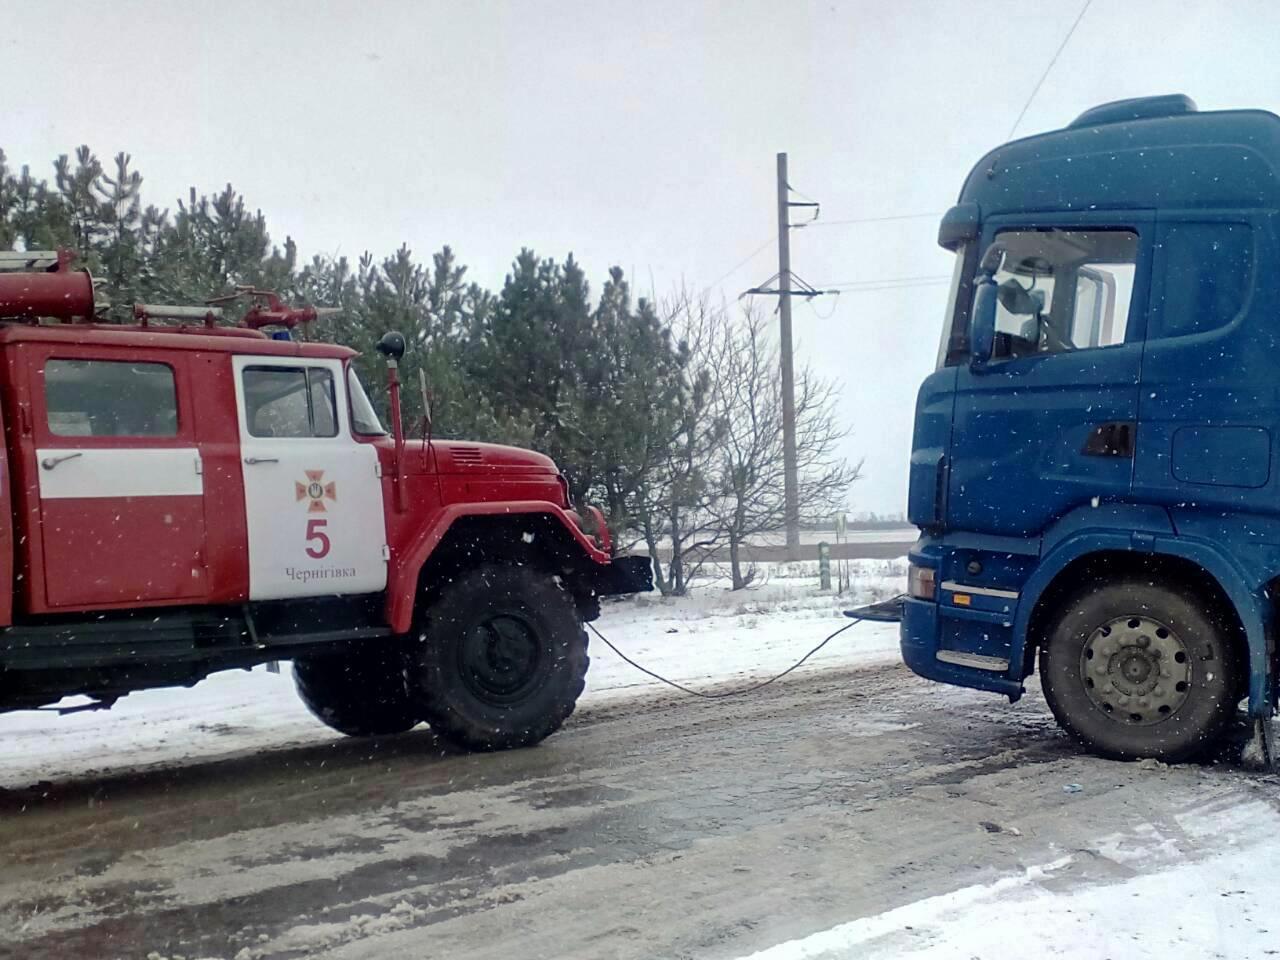 В области спасатели освободили из снежного плена шесть грузовиков и пять легковушек - ФОТО